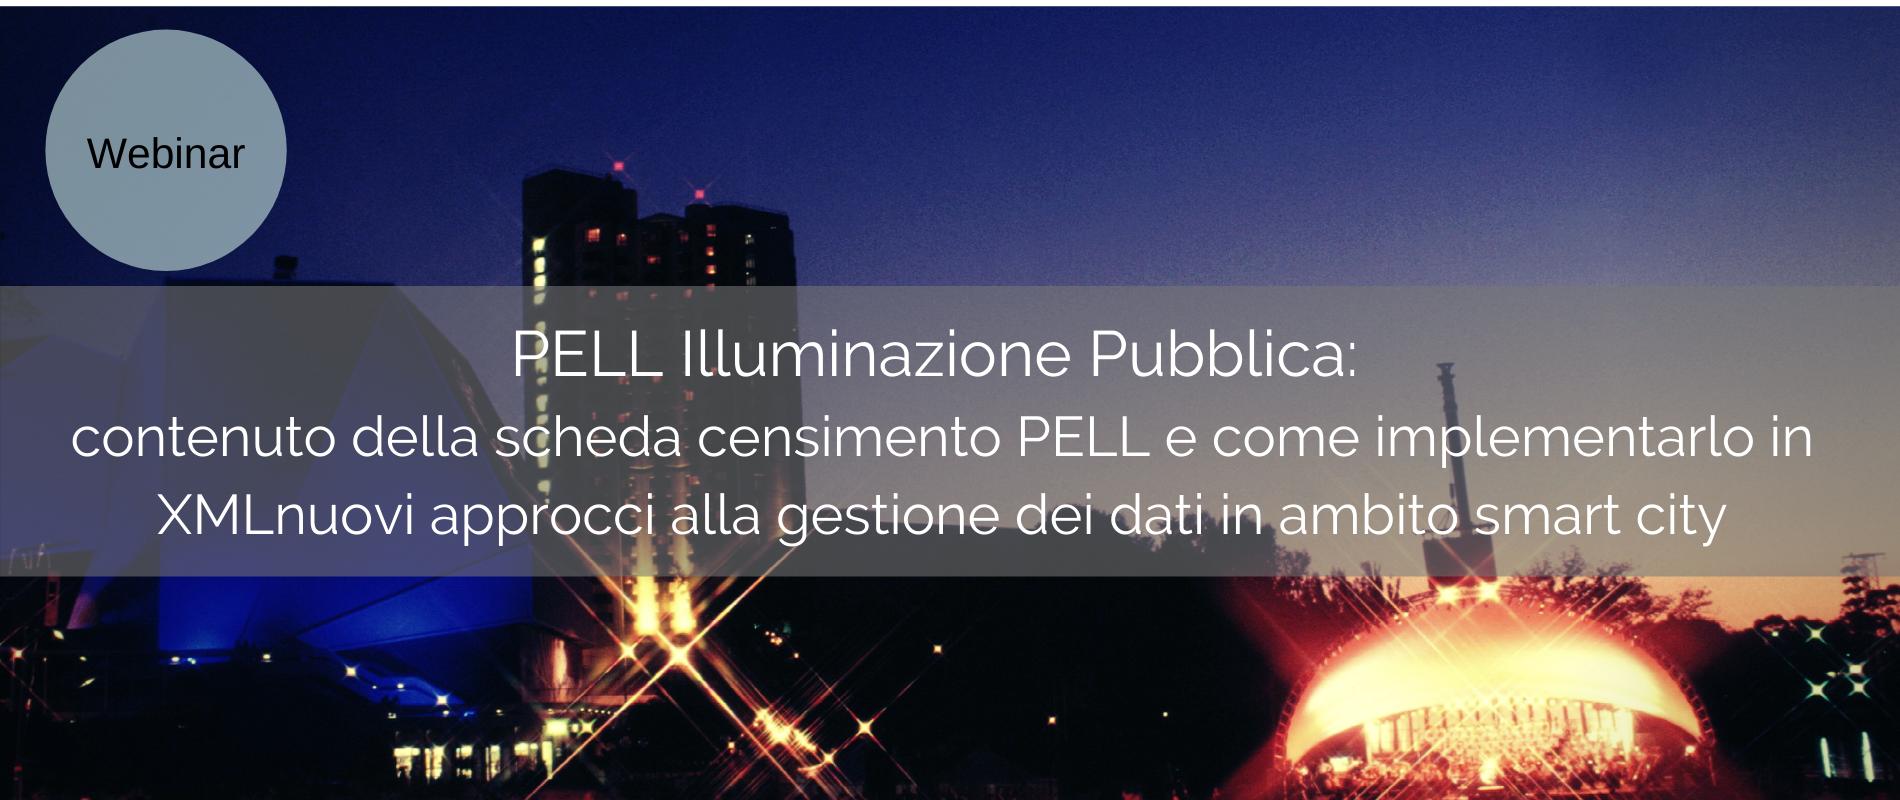 PELL Illuminazione Pubblica: contenuto della scheda censimento PELL e come implementarlo in XML